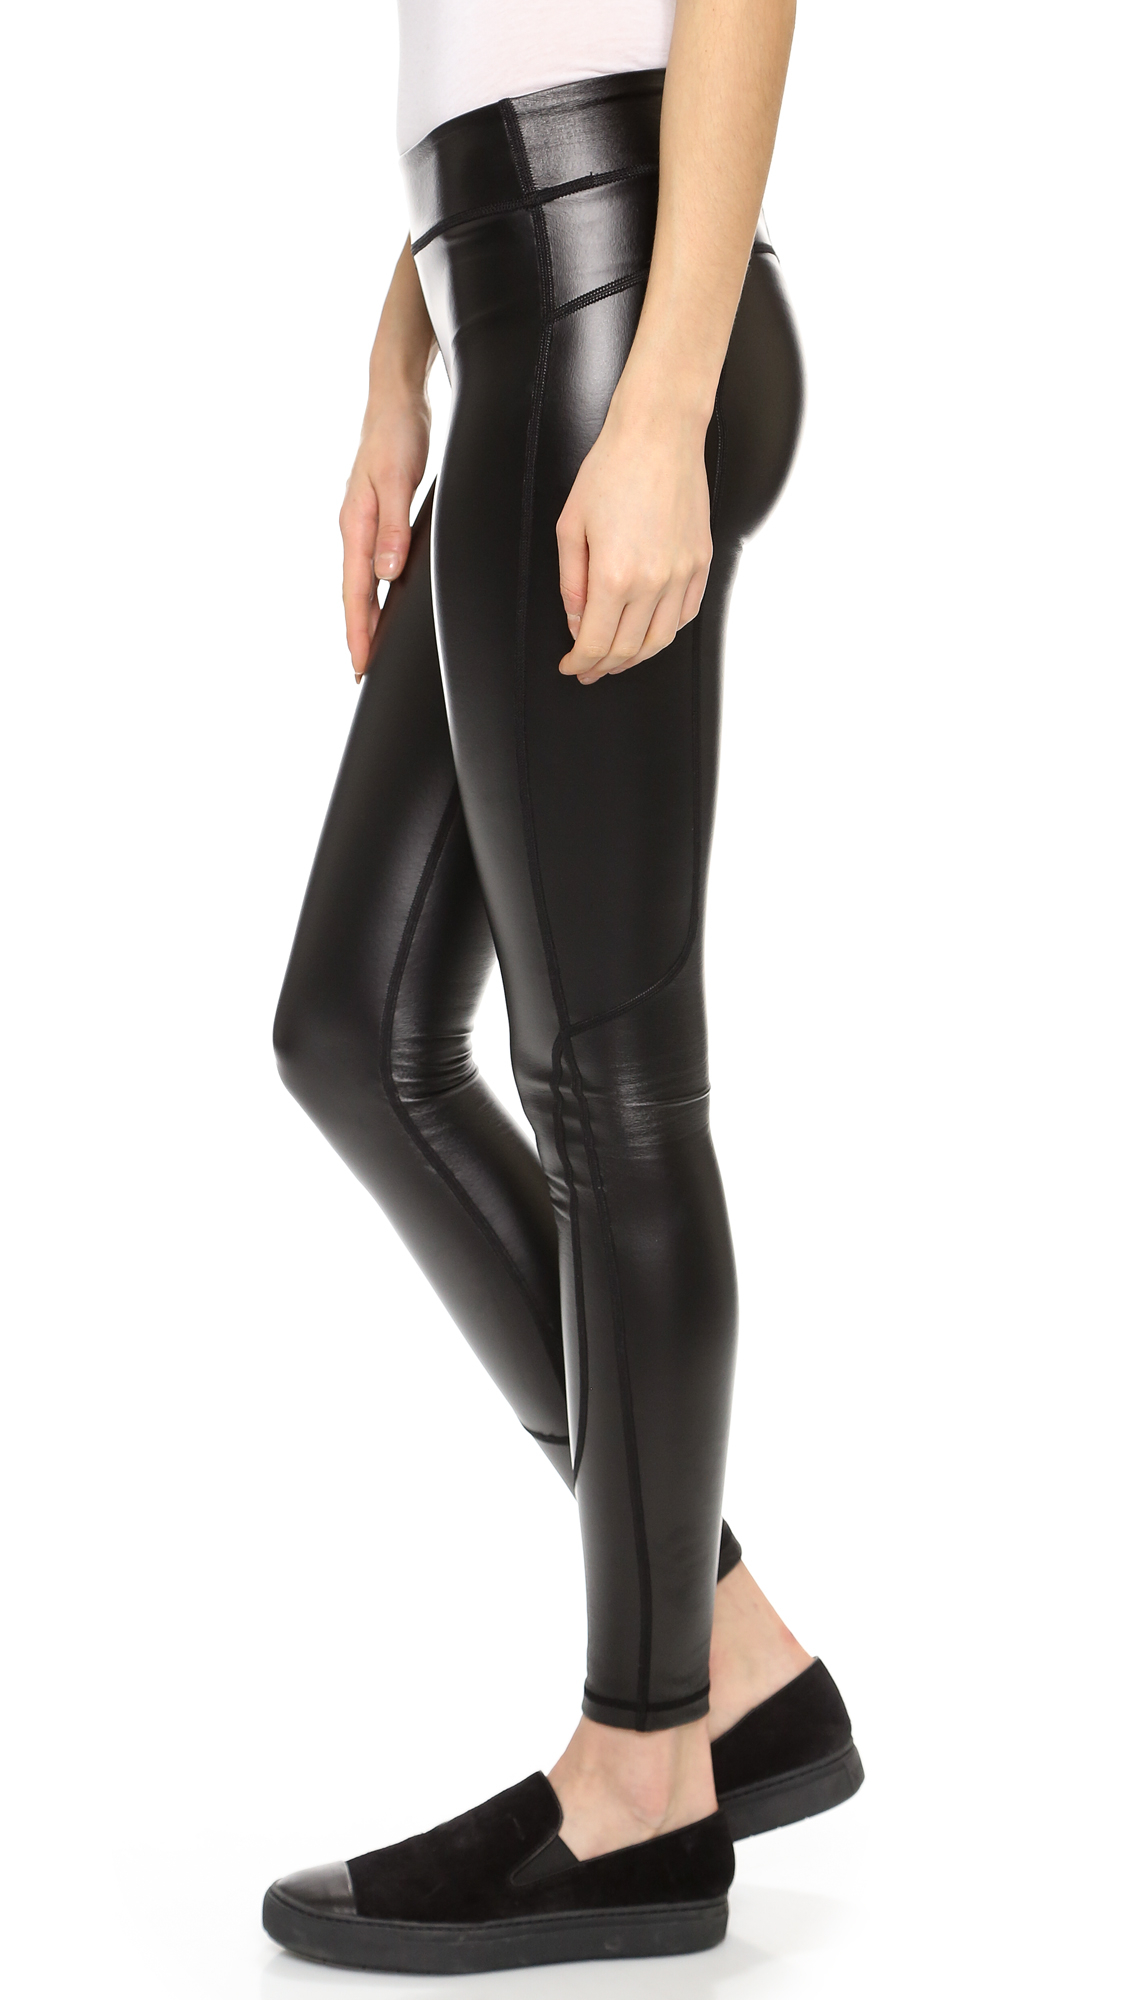 Joe's Jeans Off Duty Rythm Leggings - Katya in Black